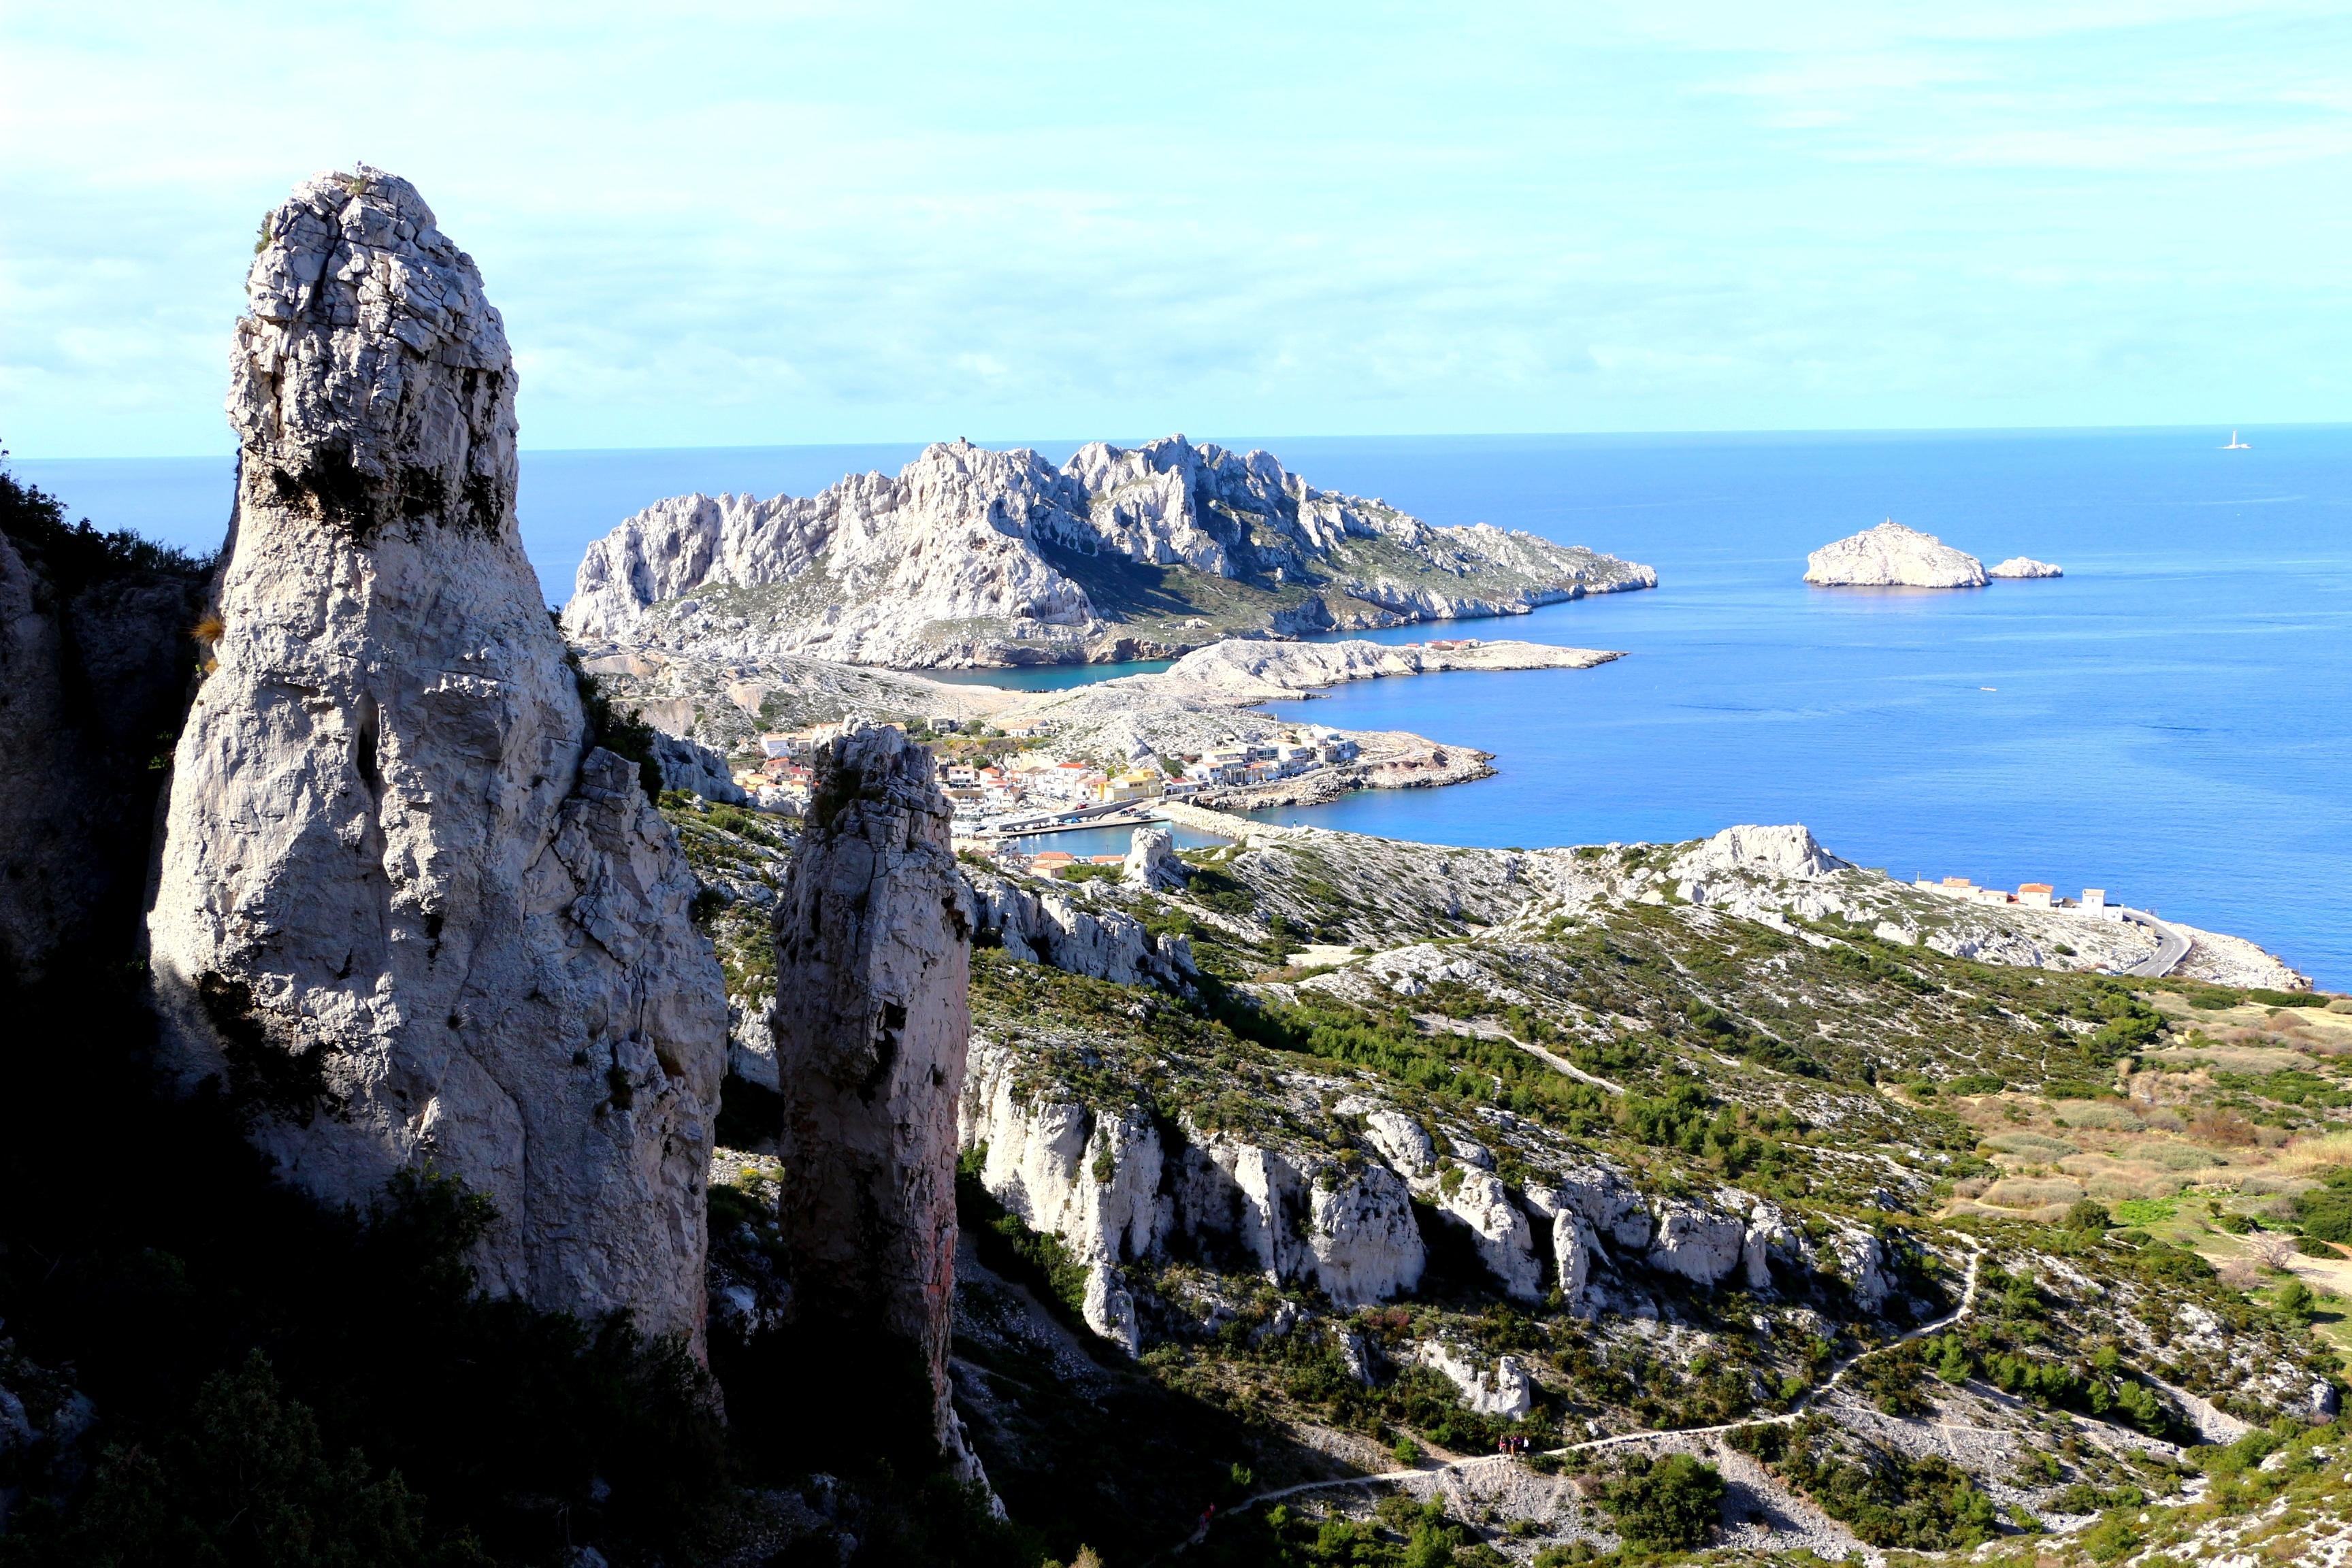 Globetrekkeuse blog voyage nature calanques - Salon de la randonnee ...